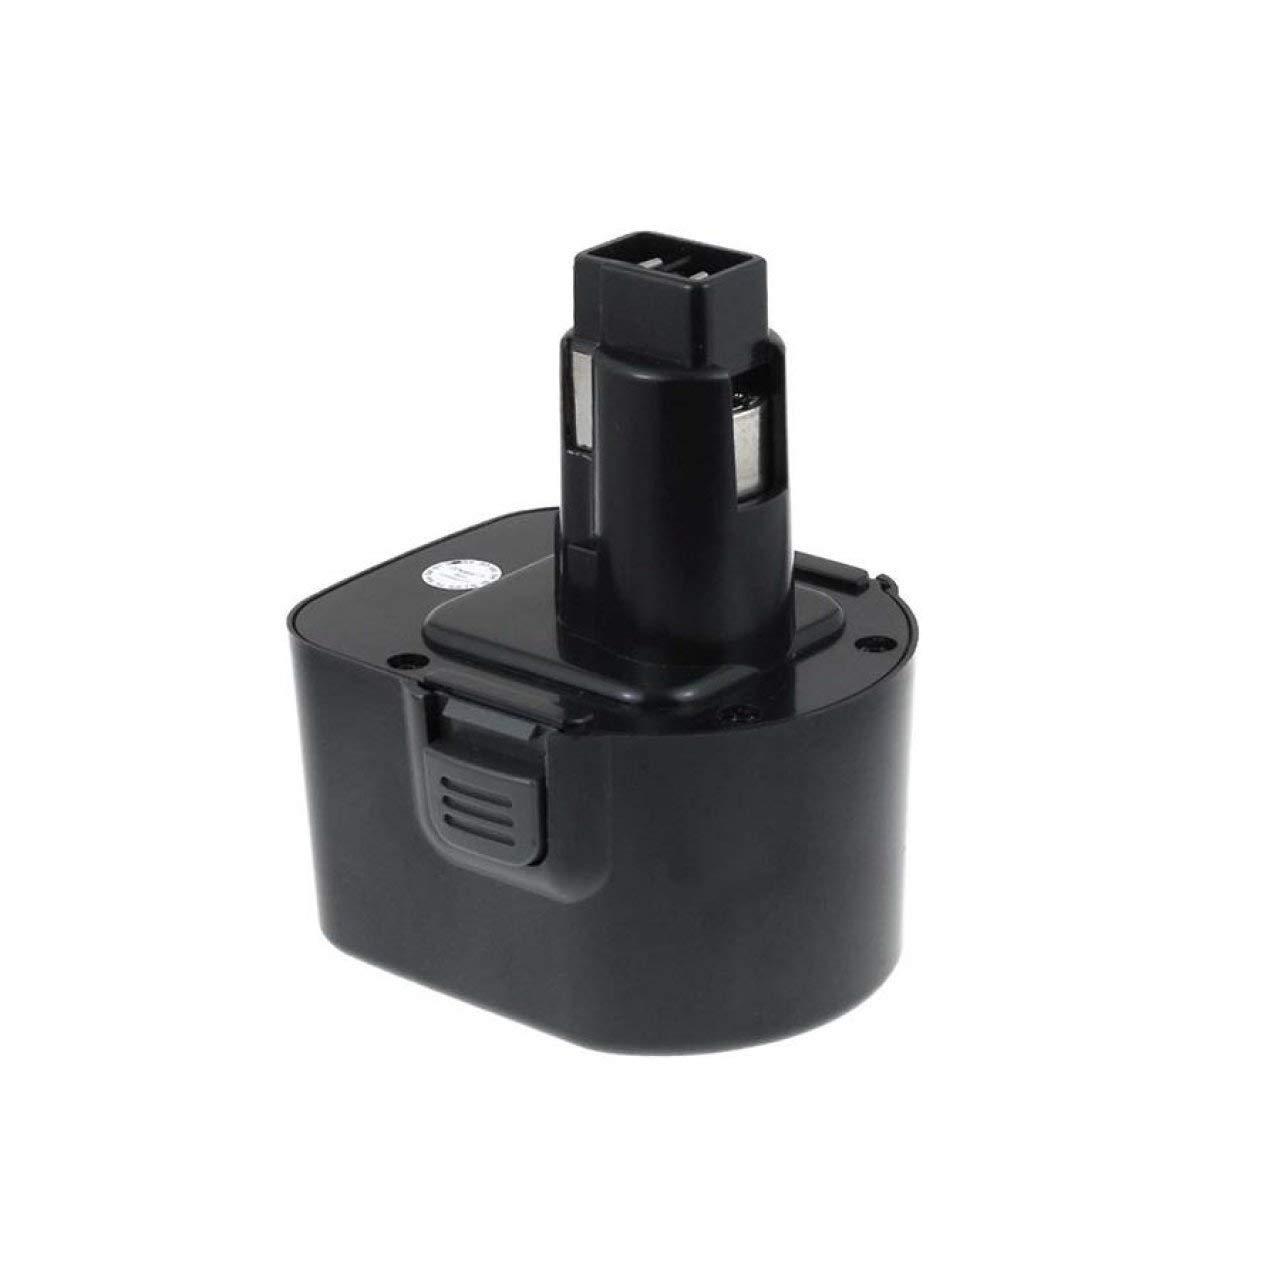 Batería para Taladro Black & Decker KC12E 3000mAh NiMH, 12V, NiMH